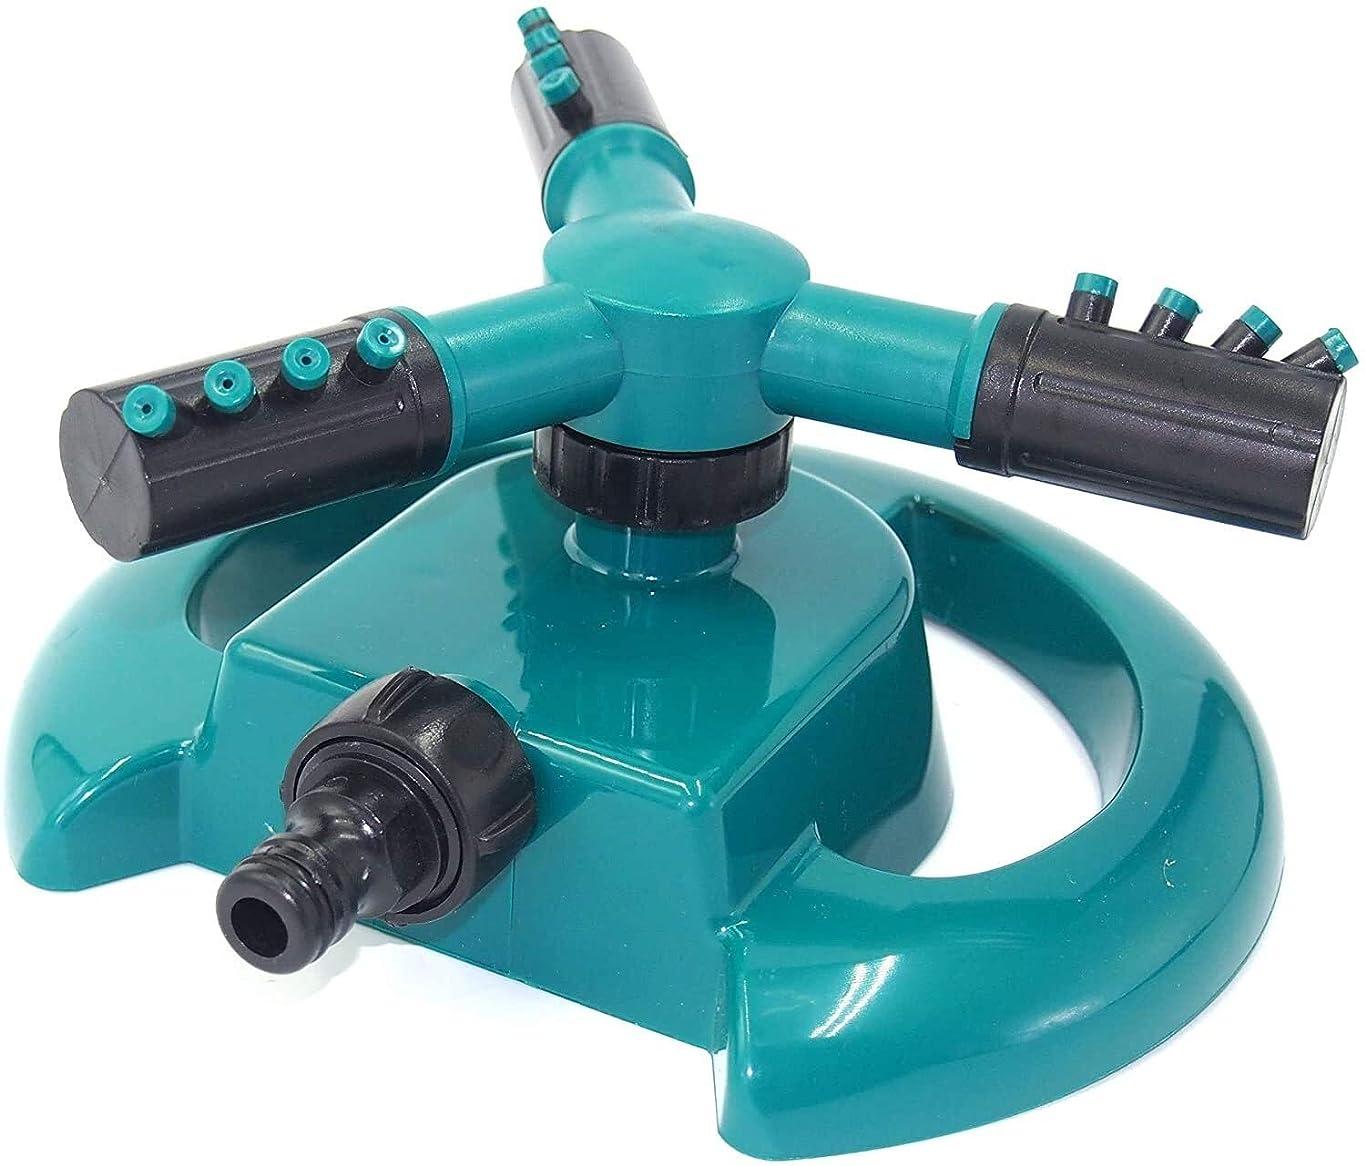 塊野心的確立ABS素材ガーデンスプリンクラー、3ノズル芝生スプリンクラー、360°自動回転水スプリンクラーシステムアジャスタブルガーデニング用品 6.24